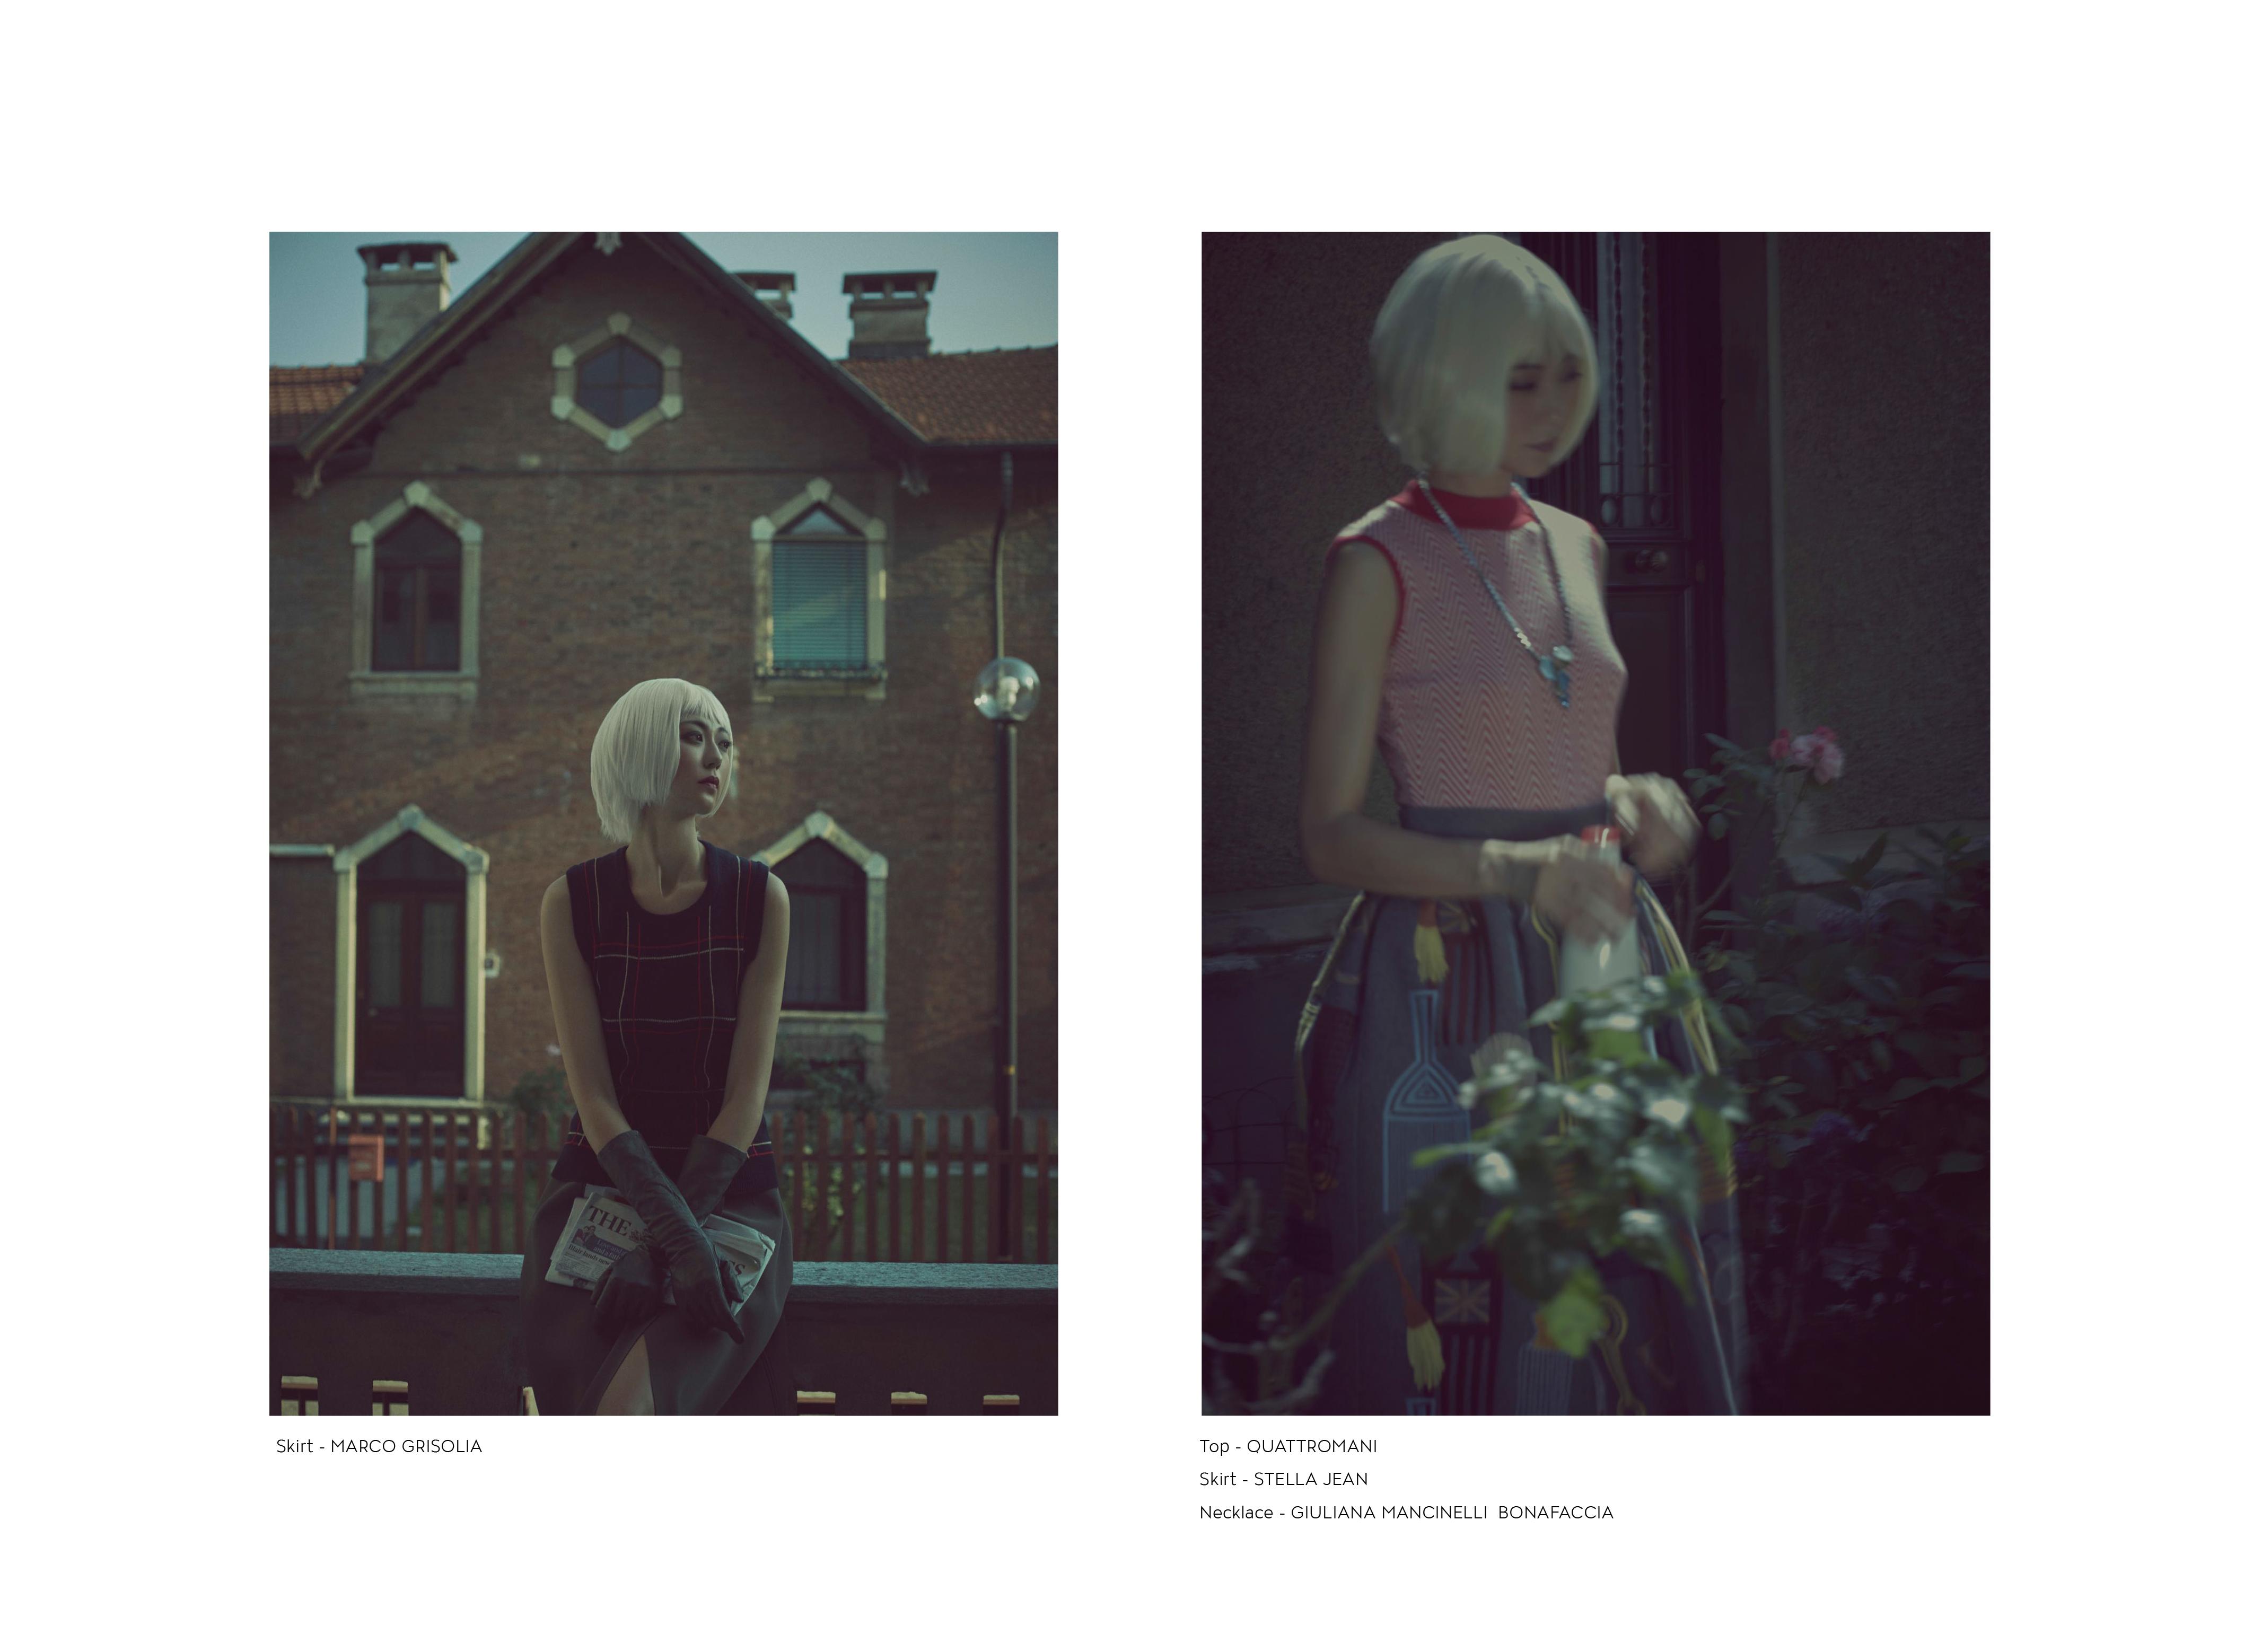 NoPlaceMagazineModelItalyLuleproductionAlbertoRaviglione&AdeleObicePhotoshootFashion_01